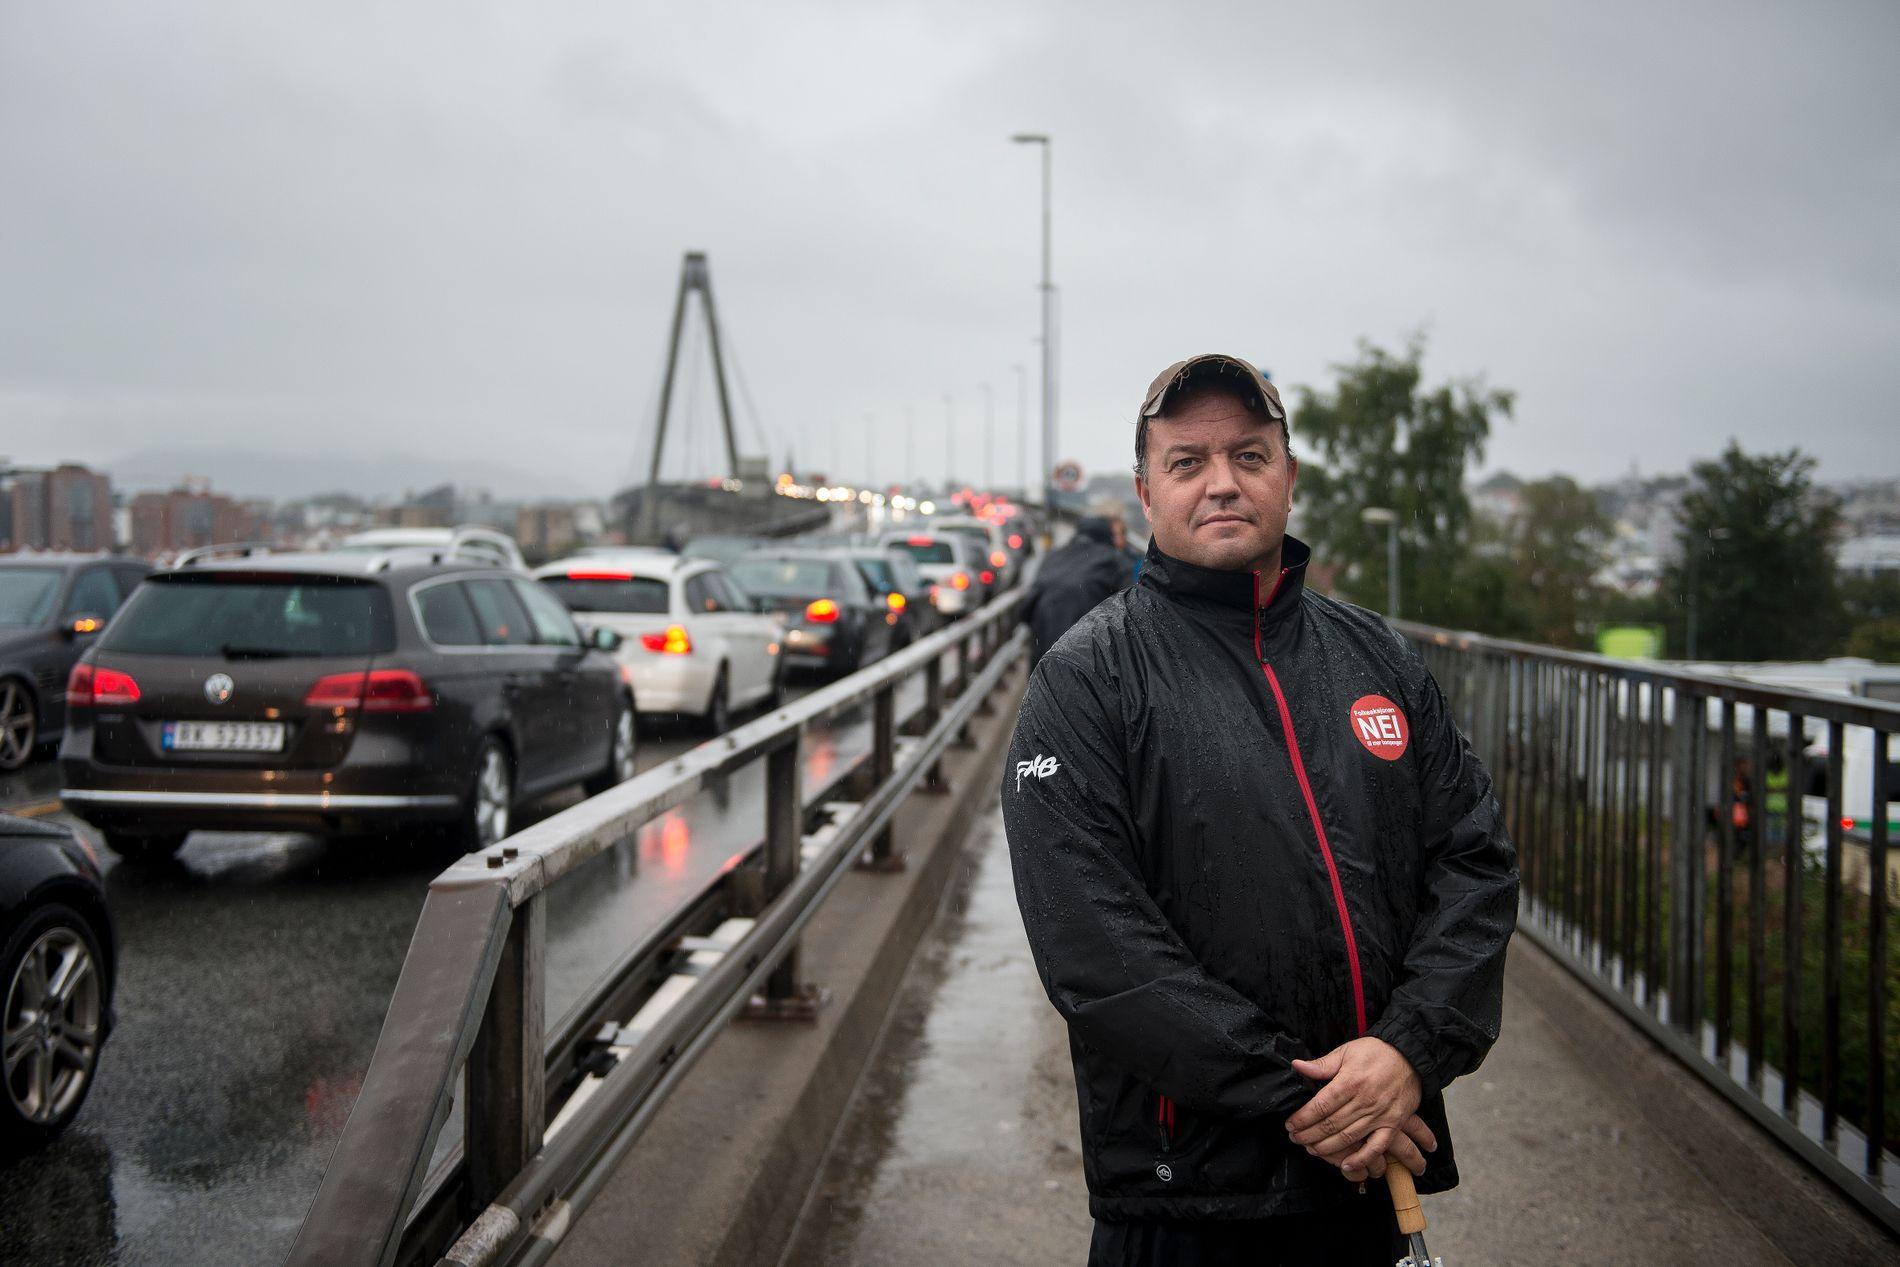 BOMMOTSTANDER: Frode Myrhol grunnla Folkeaksjonen nei til mer bompenger og topper partiets valgliste i Stavanger. Om to år satser han på å stille til stortingsvalget.